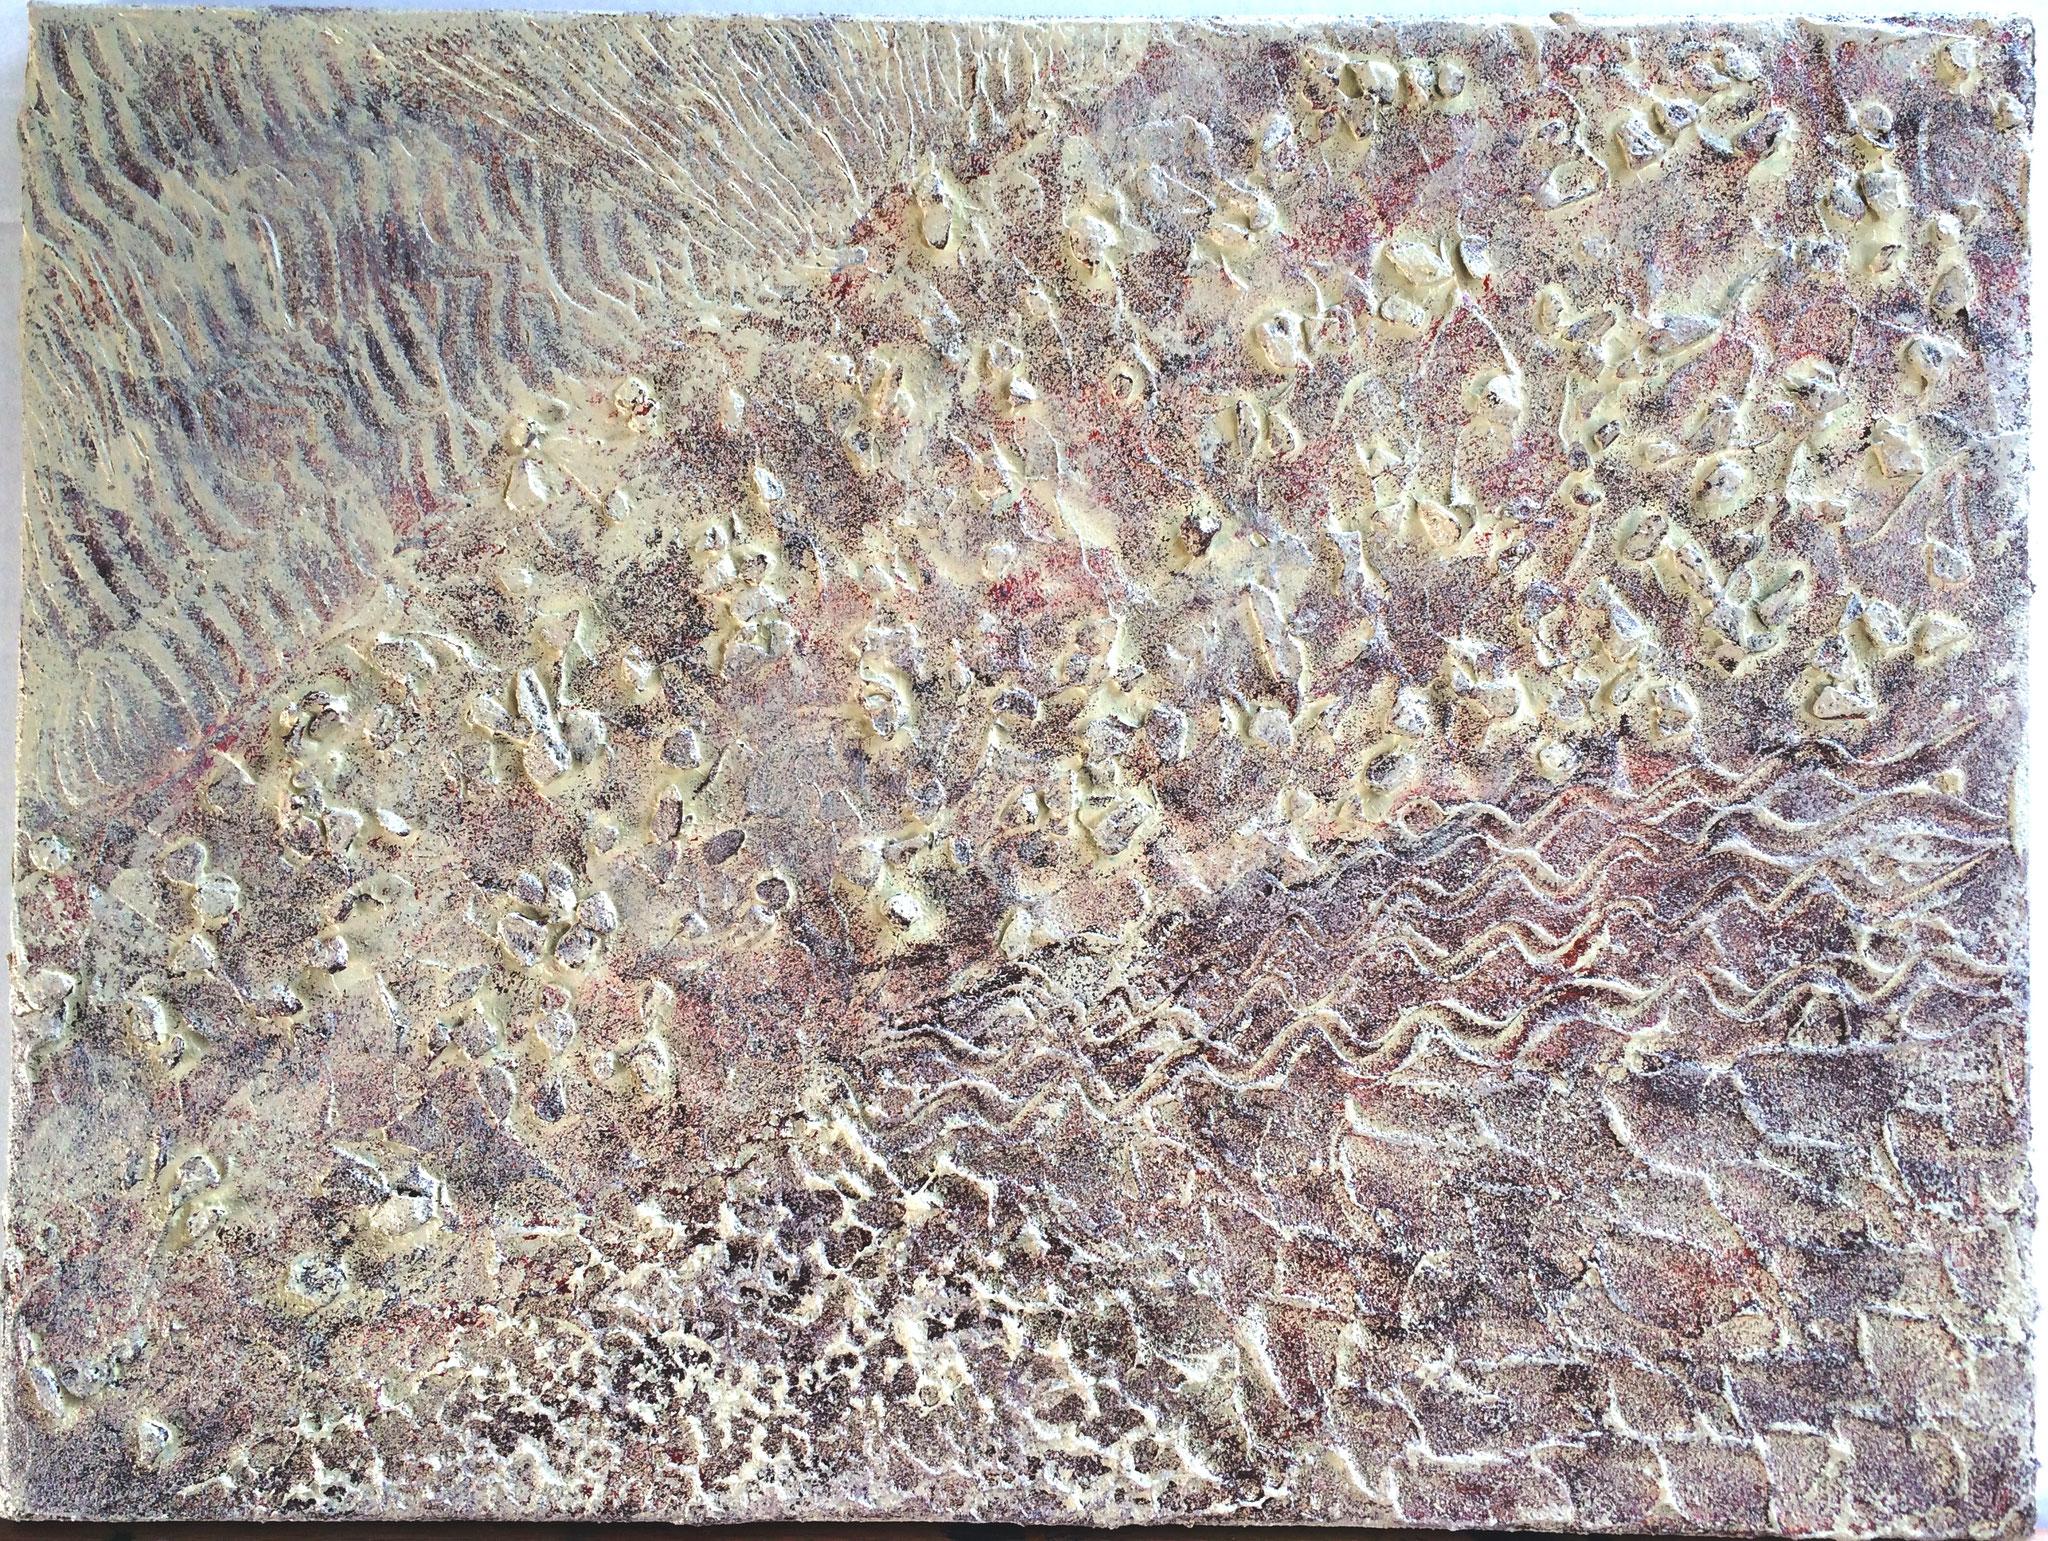 Marée basse - 30 x 40 cm